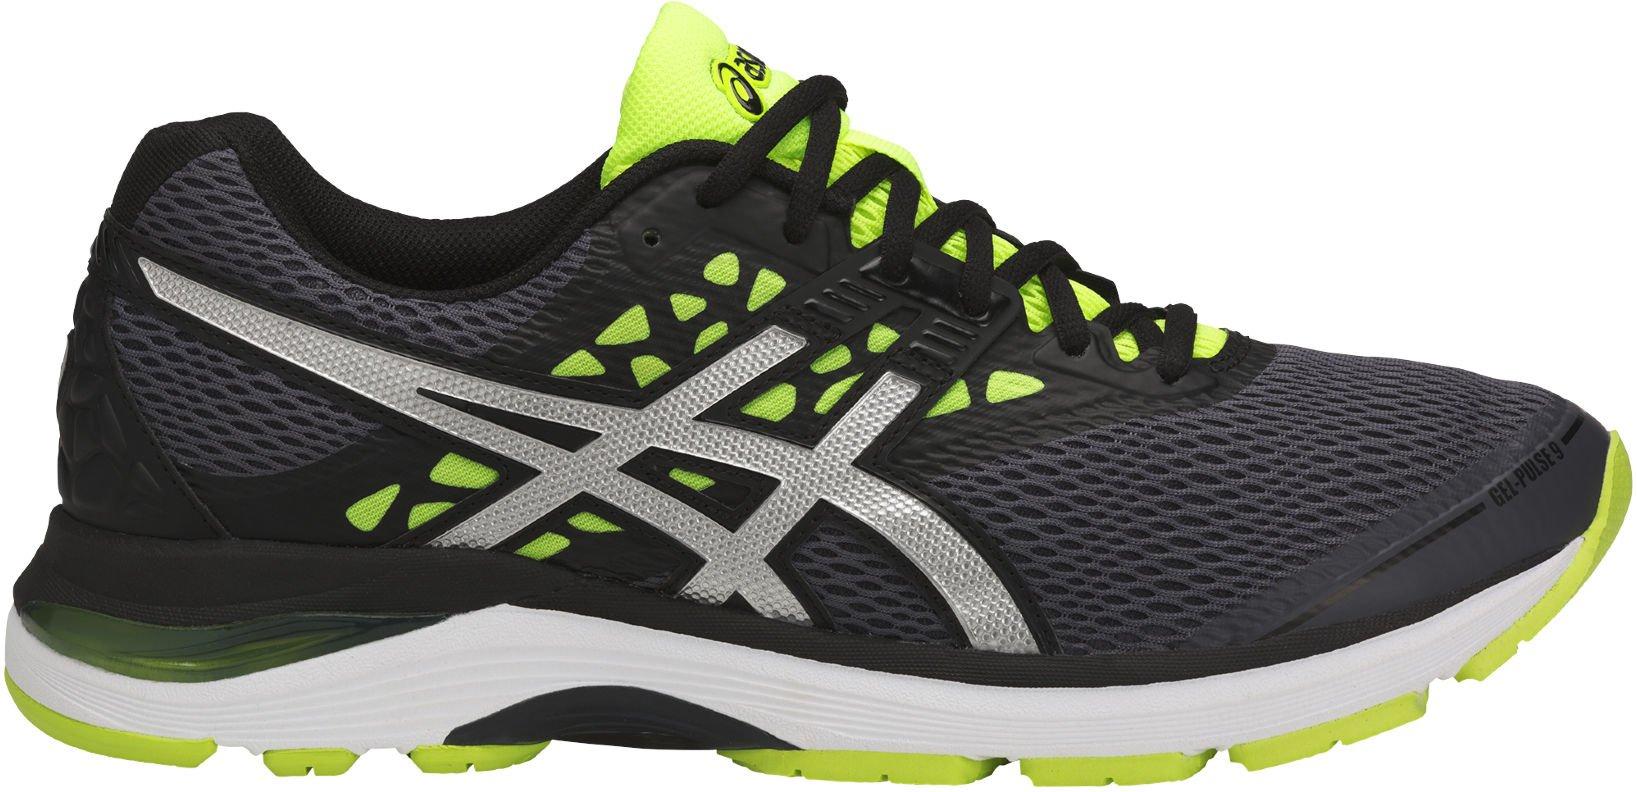 Running shoes Asics GEL-PULSE 9 - Top4Running.com